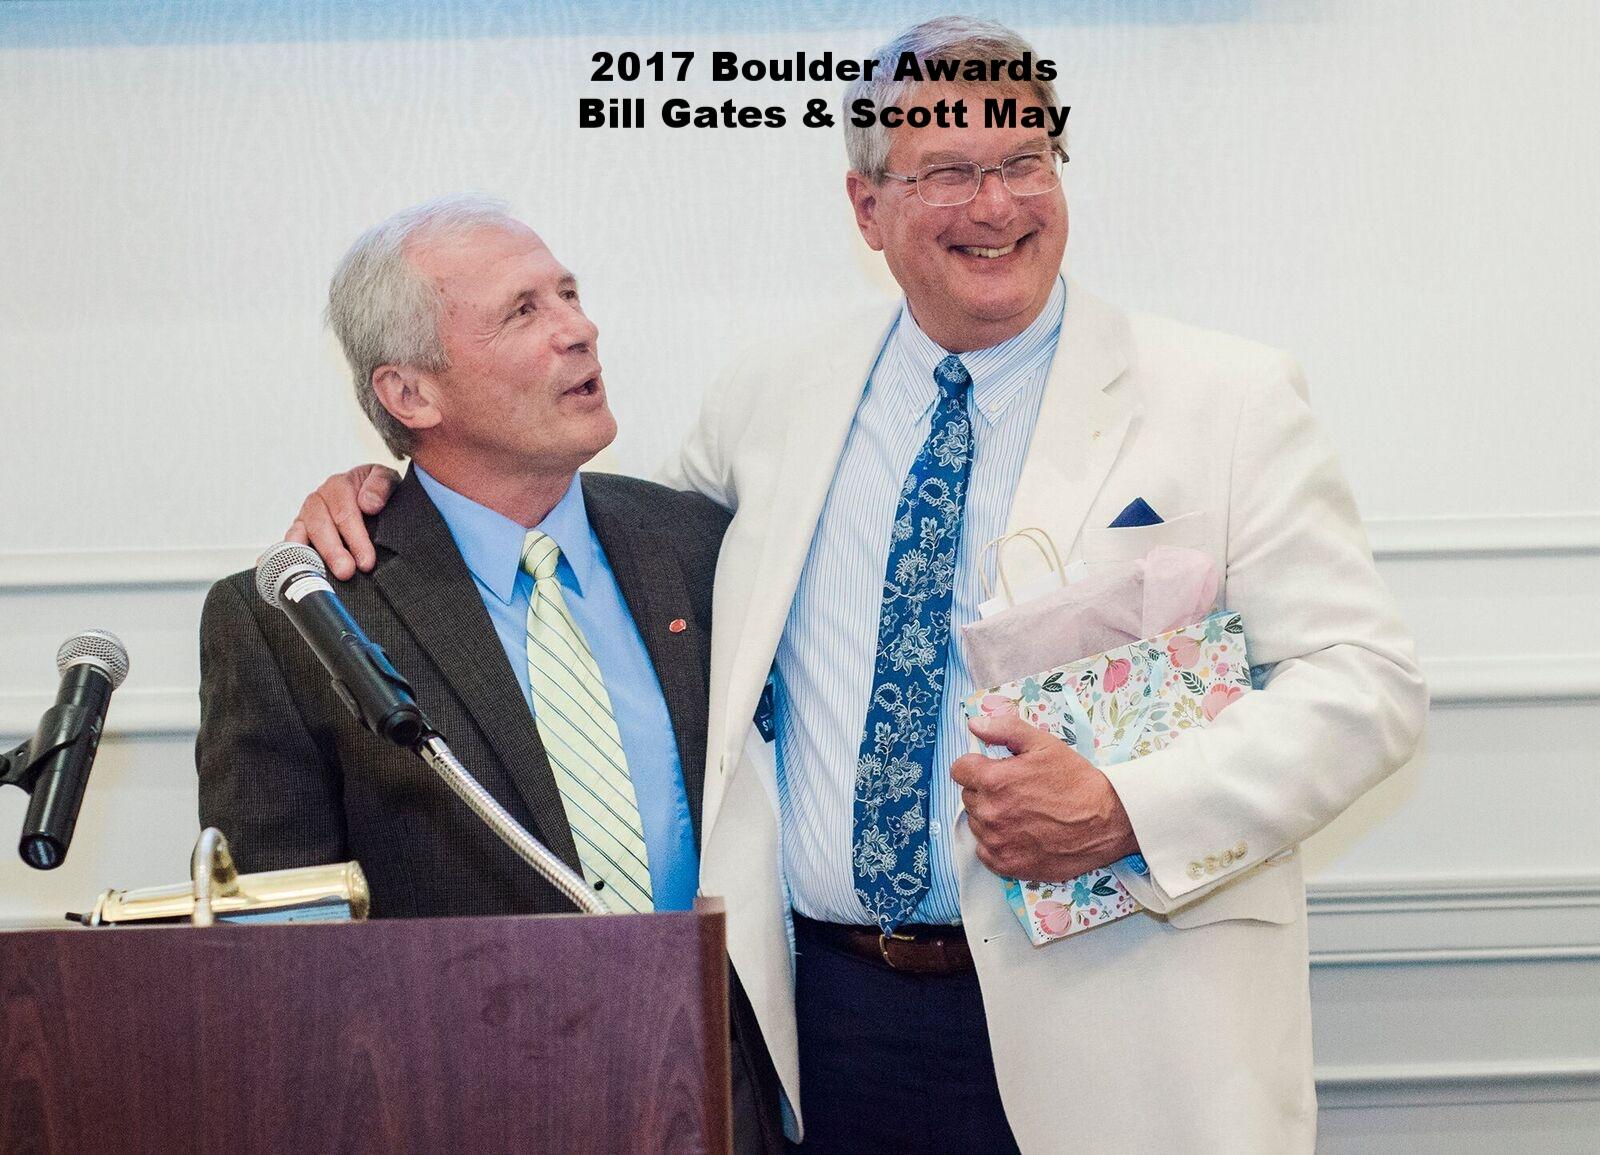 SE_051117_BoulderAwards_18.jpg